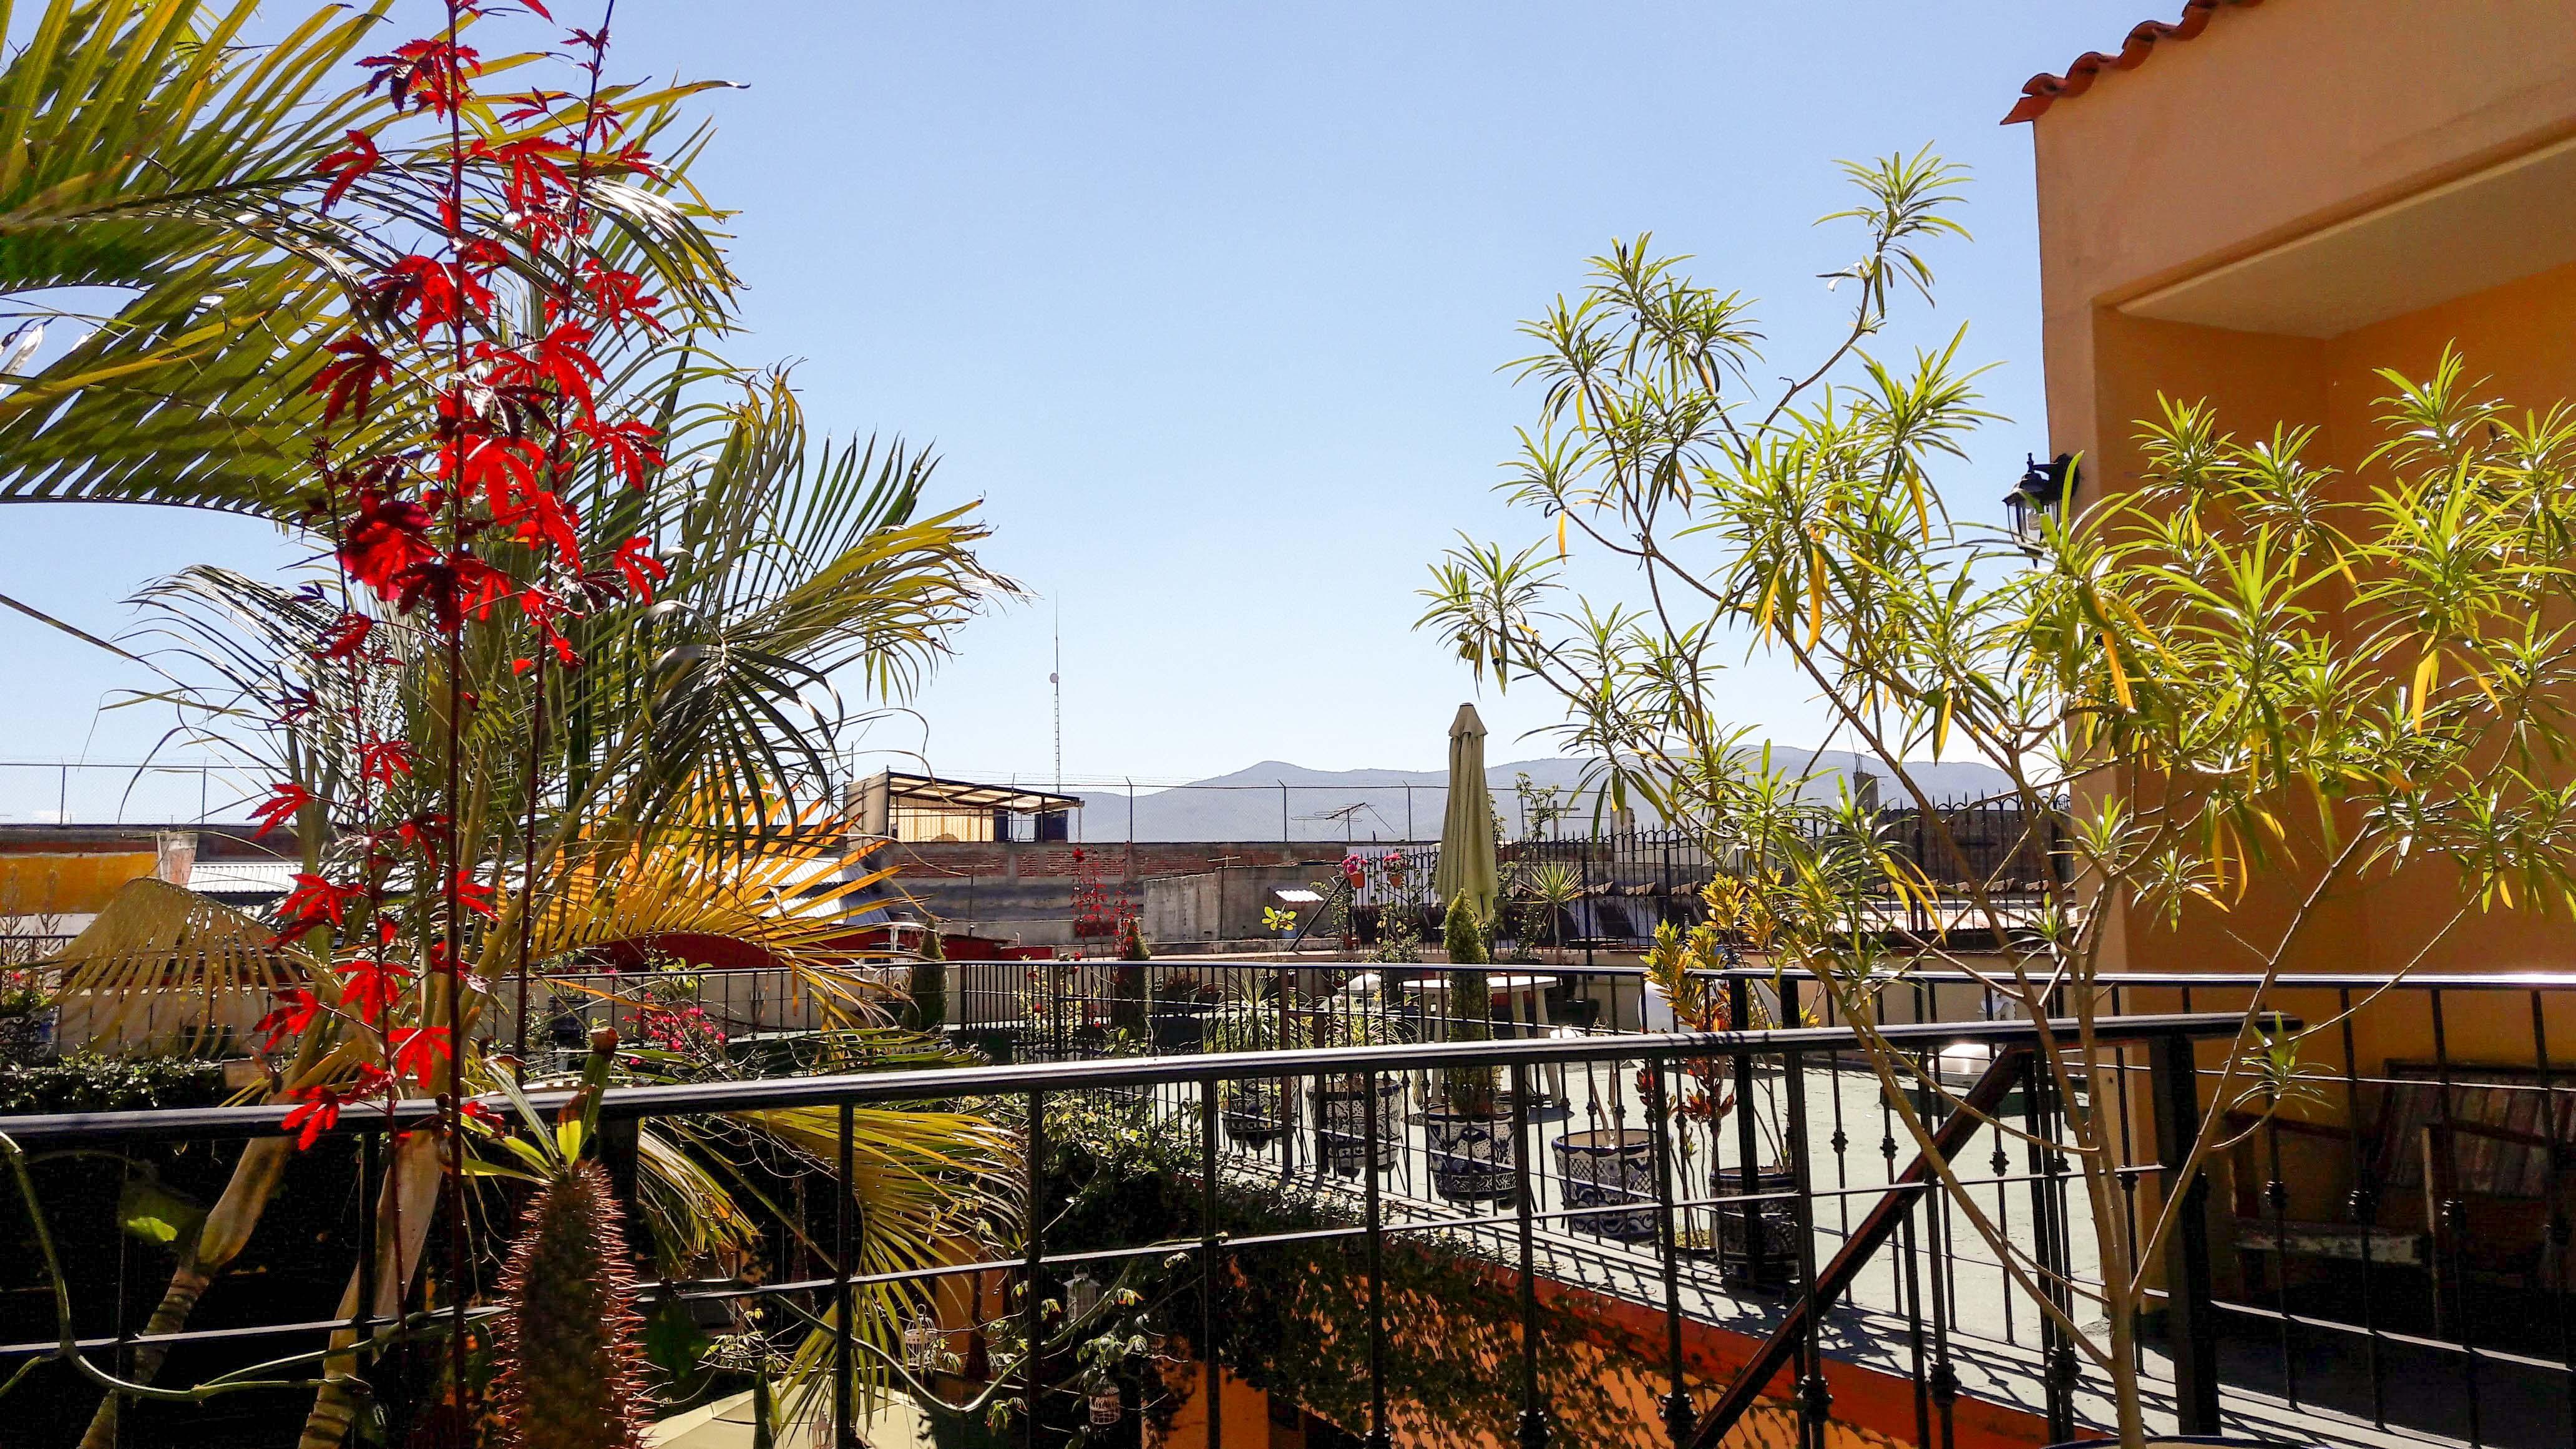 Die Aussicht von Annina Reussers Terrasse. – Bild: Annina Reusser